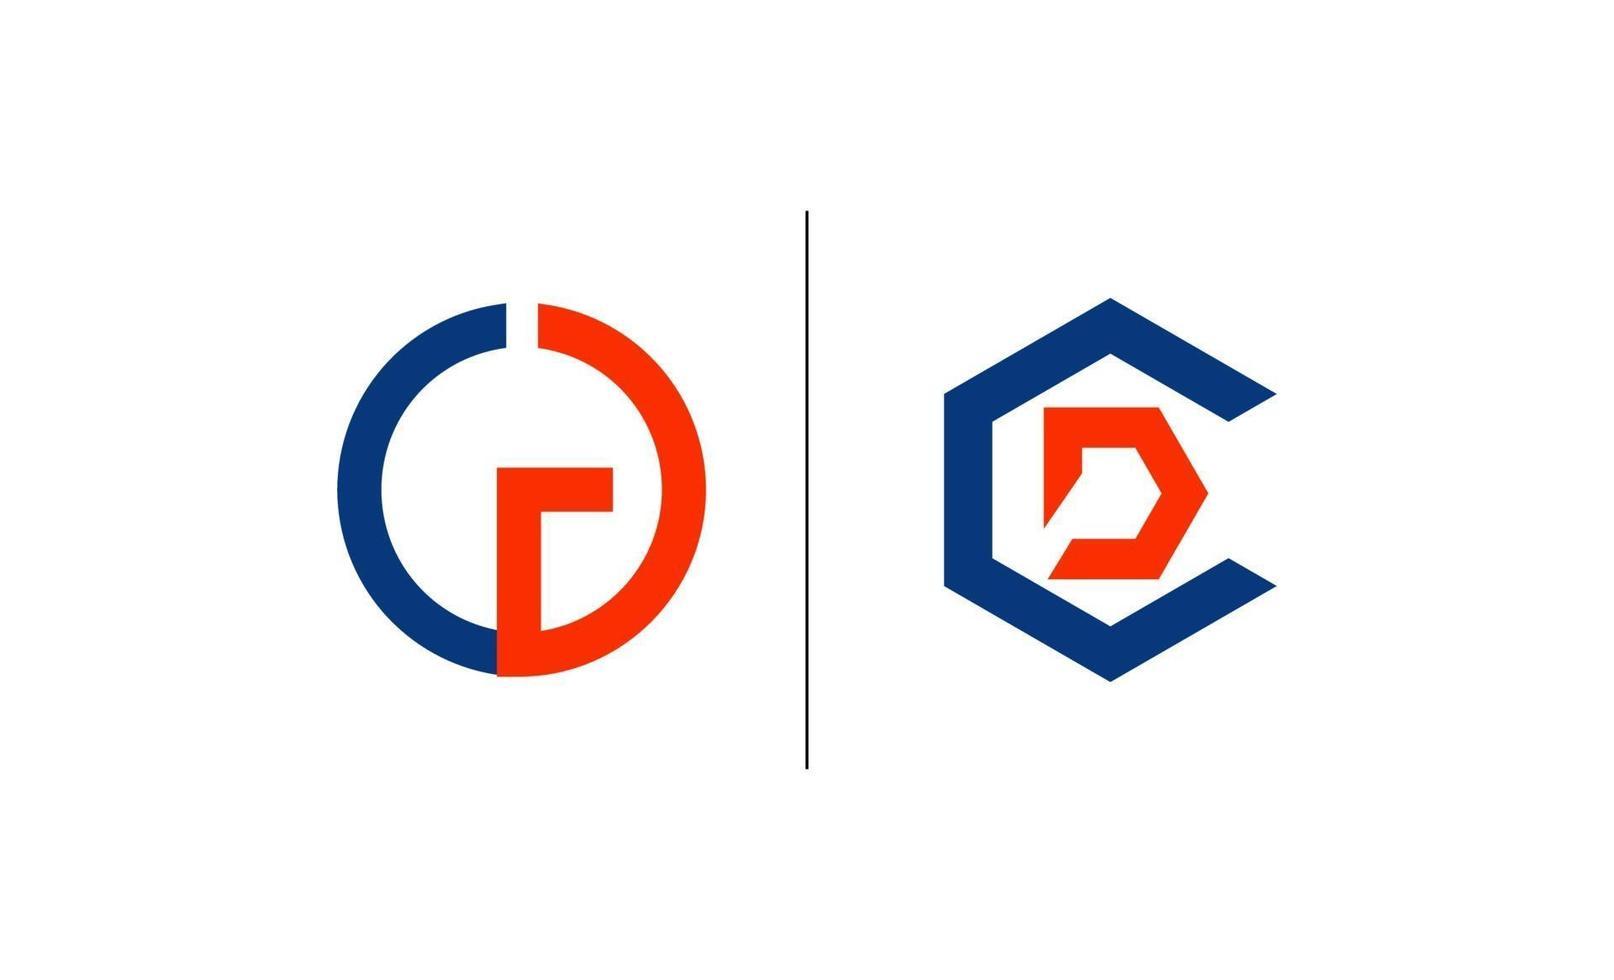 eerste cd-logo sjabloon ontwerp vector